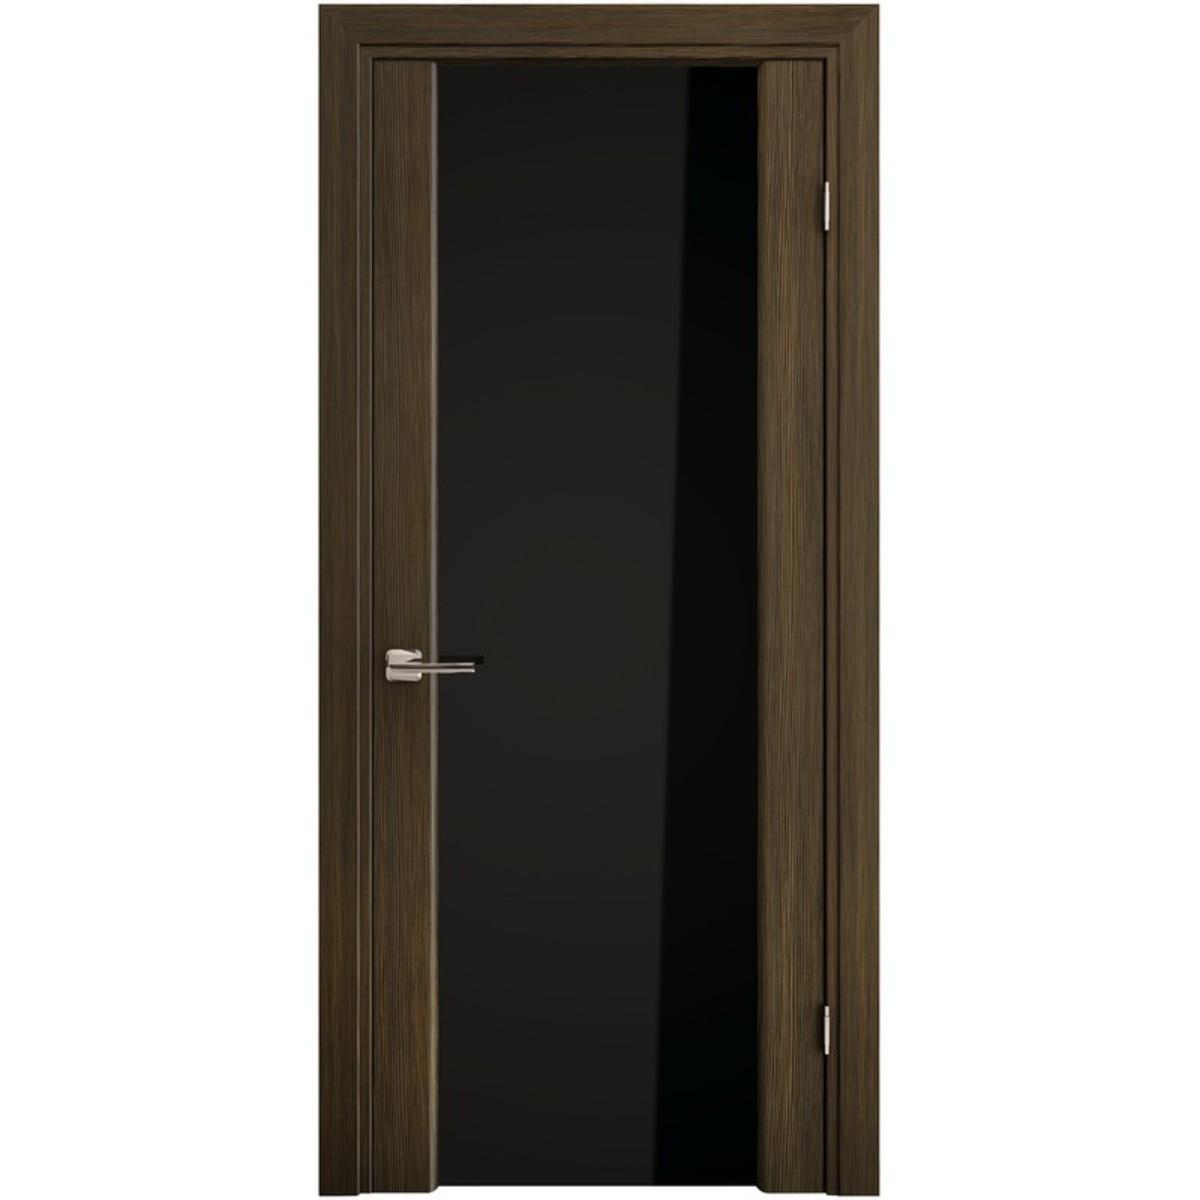 Дверь межкомнатная остеклённая «Триплекс» 200х60 см экошпон цвет орех африканский